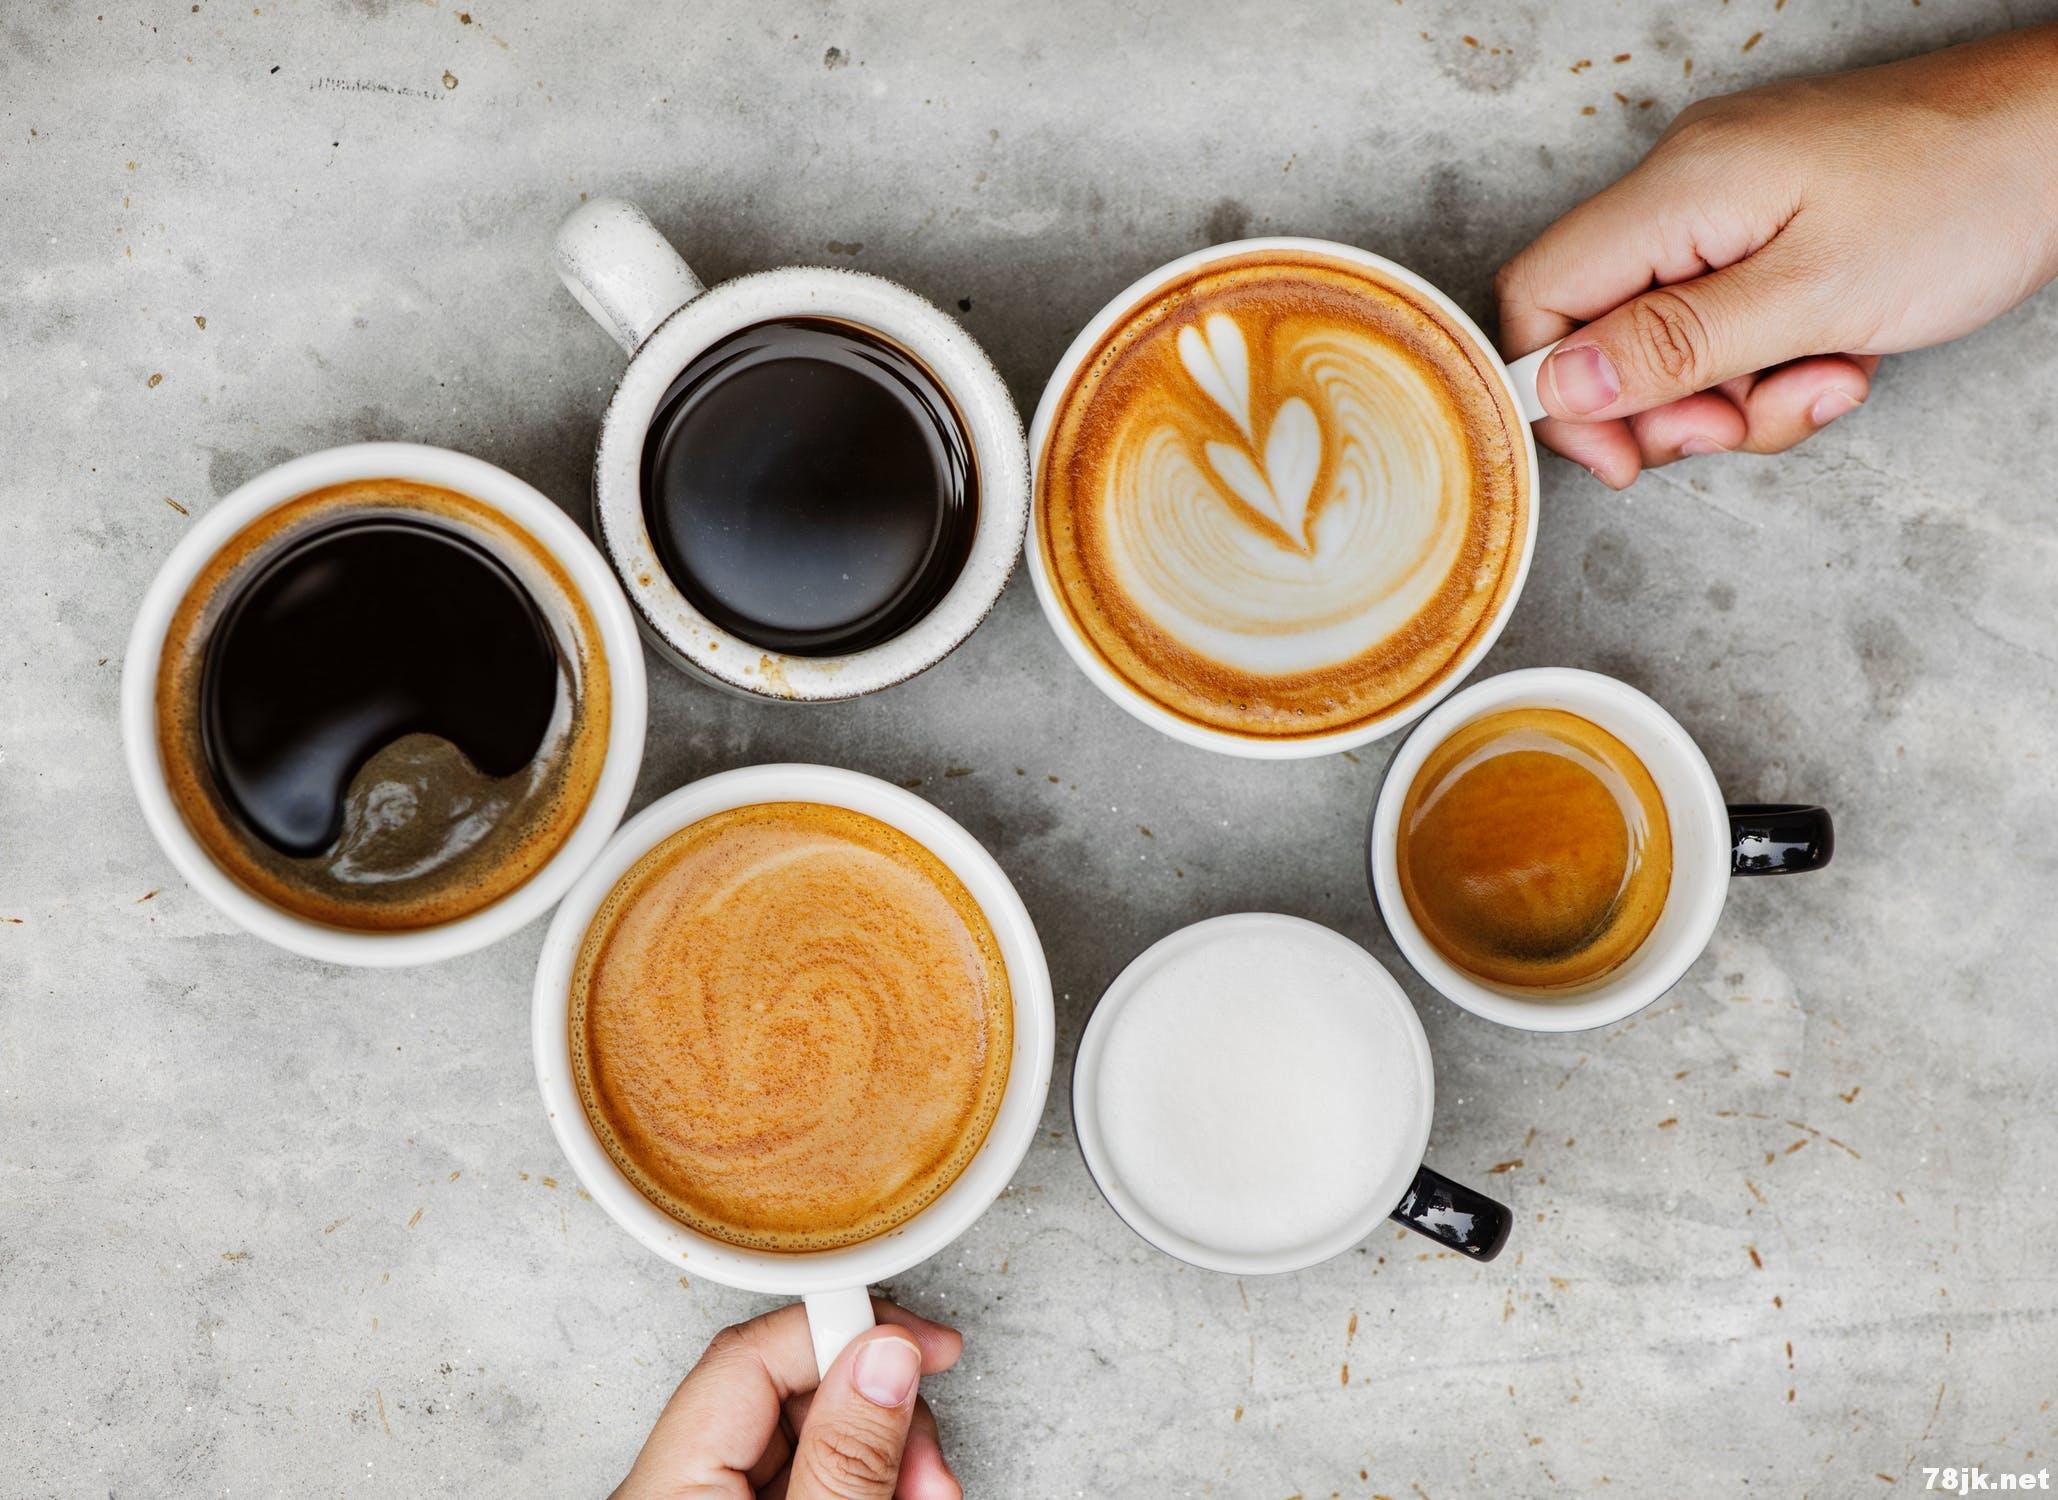 咖啡会导致癌症吗?有什么科学依据?